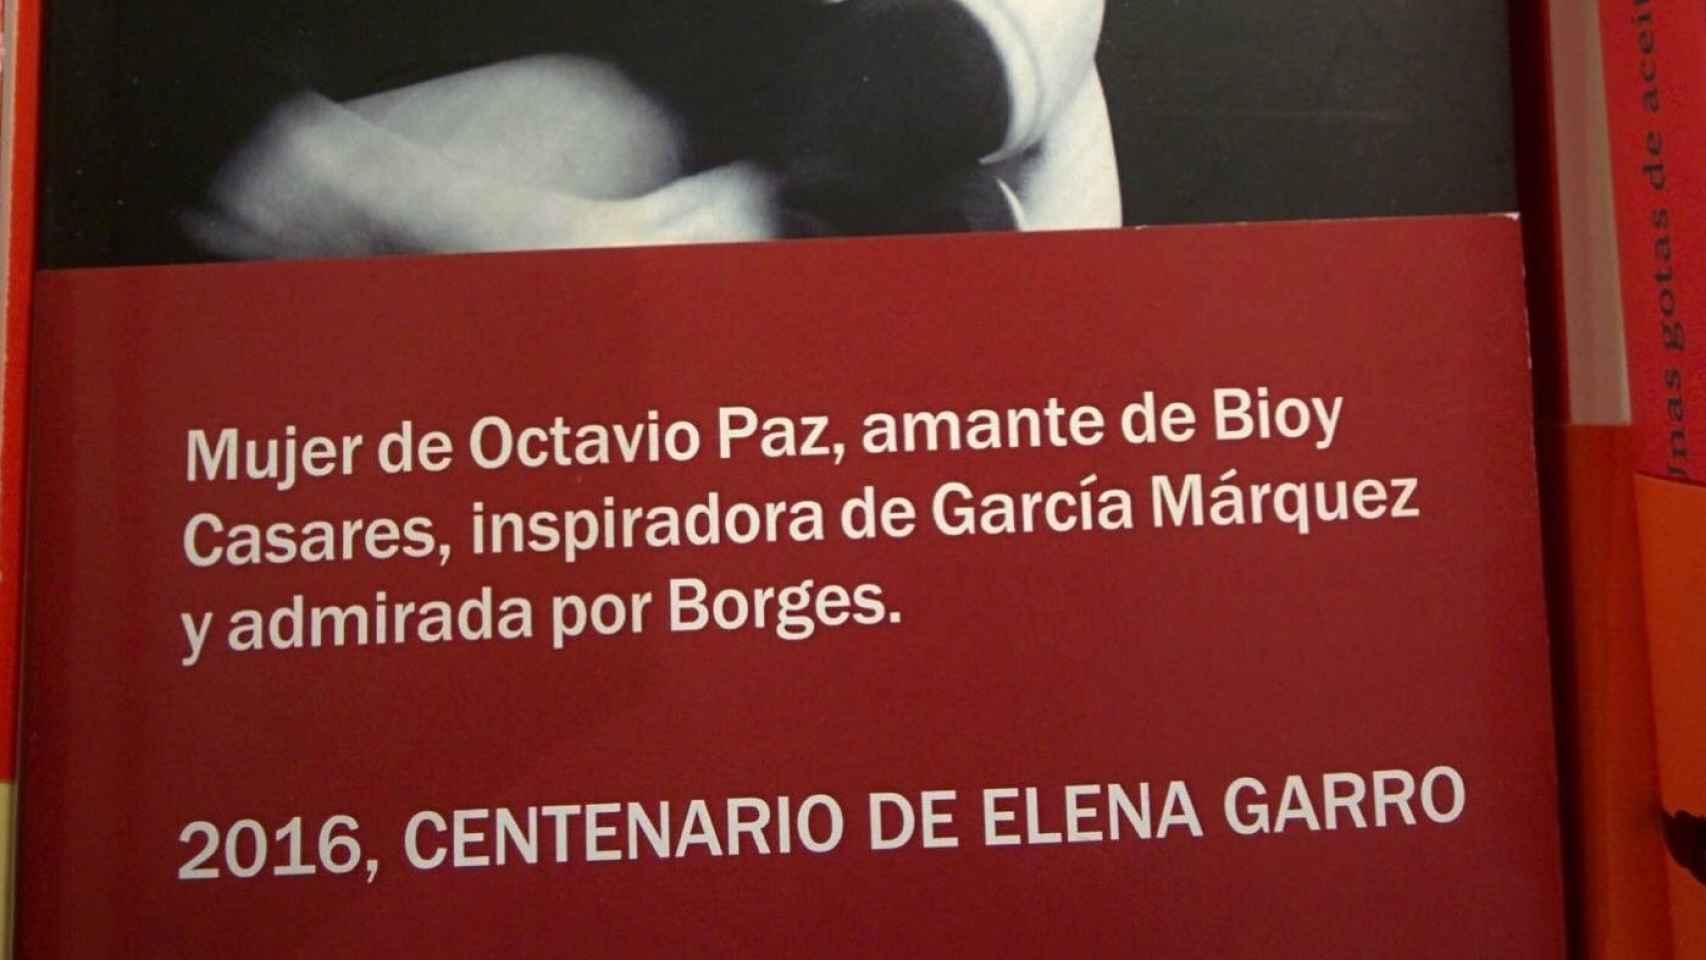 La faja que envolvía hasta ahora el libro 'Reencuentro de personajes' de Elena Garro.